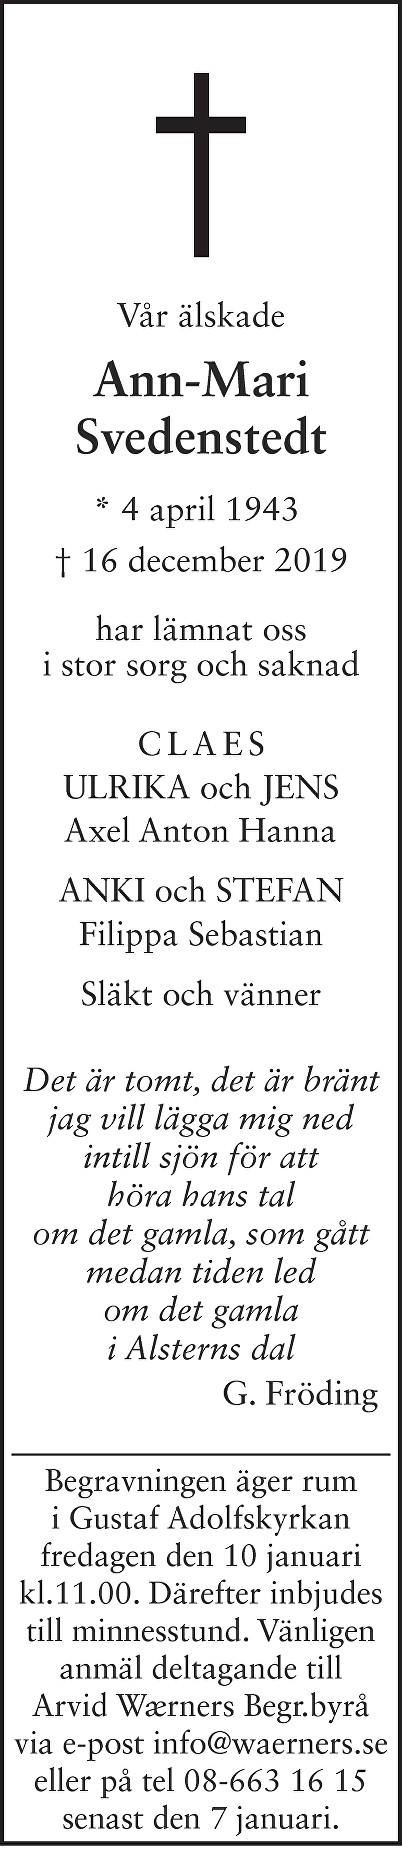 Ann-Mari Svedenstedt Death notice